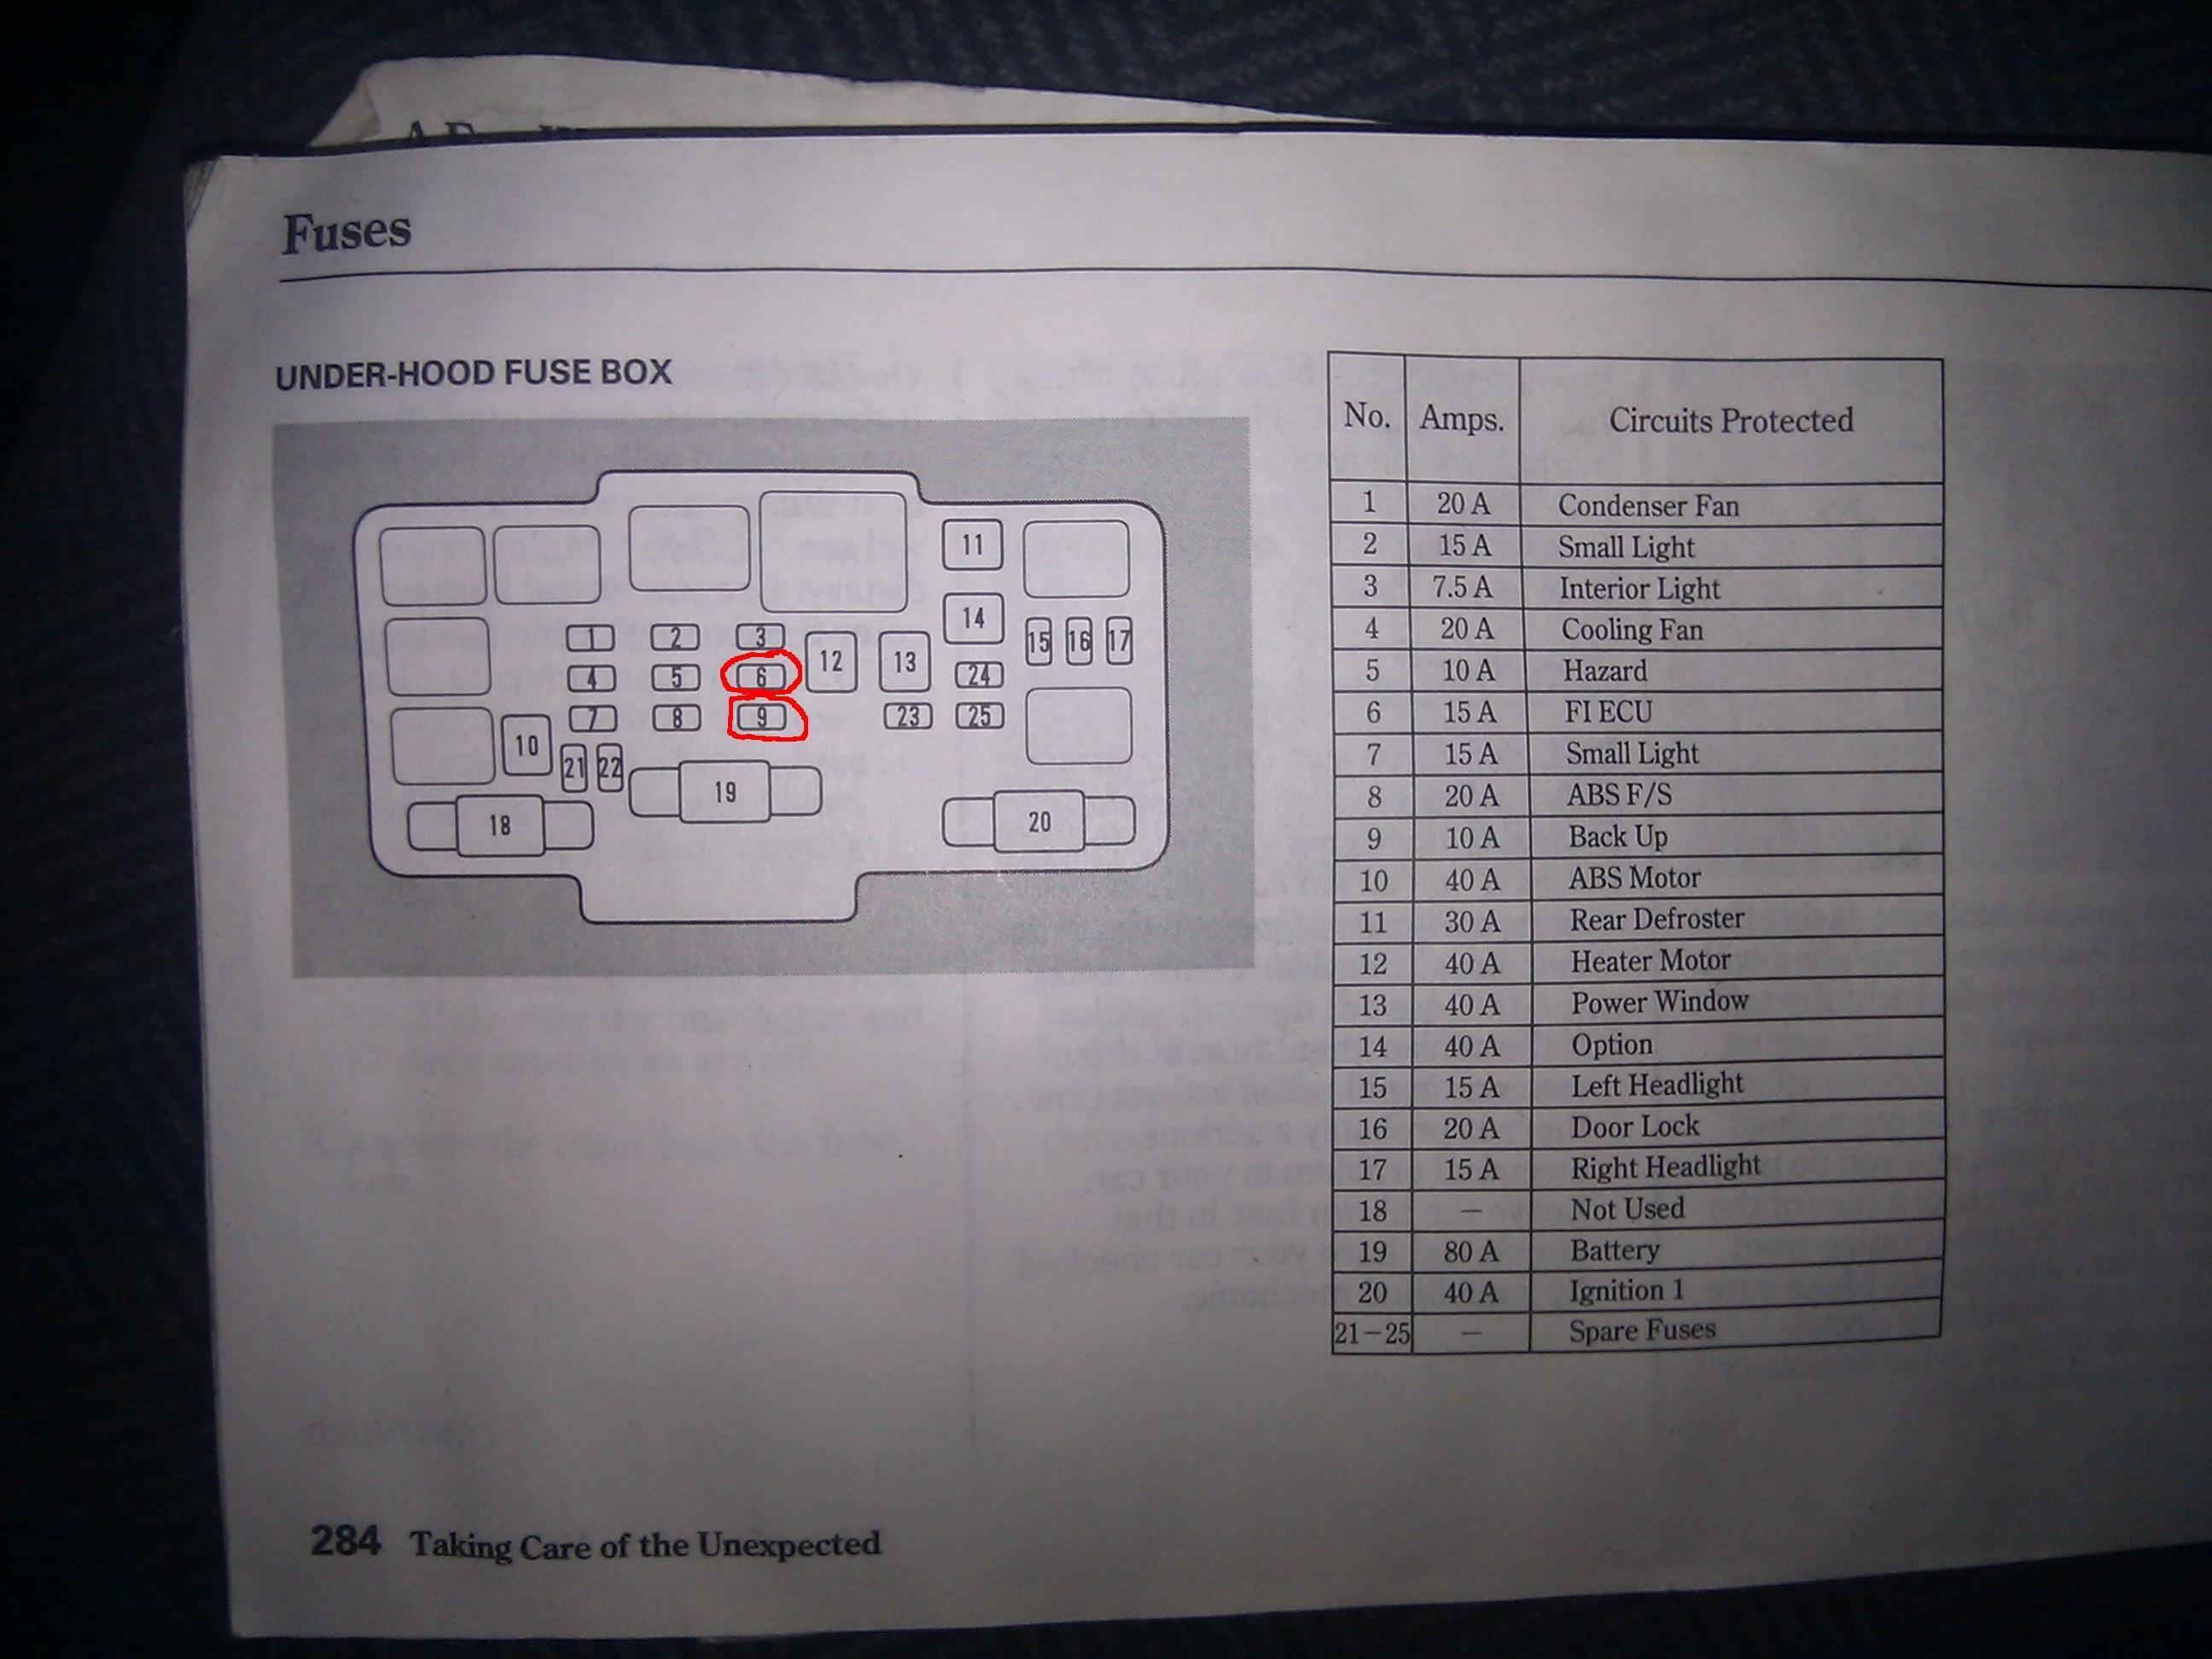 2001 Honda Civic Engine Diagram Ep3 Fuse Diagram Experts Wiring Diagram • Of 2001 Honda Civic Engine Diagram